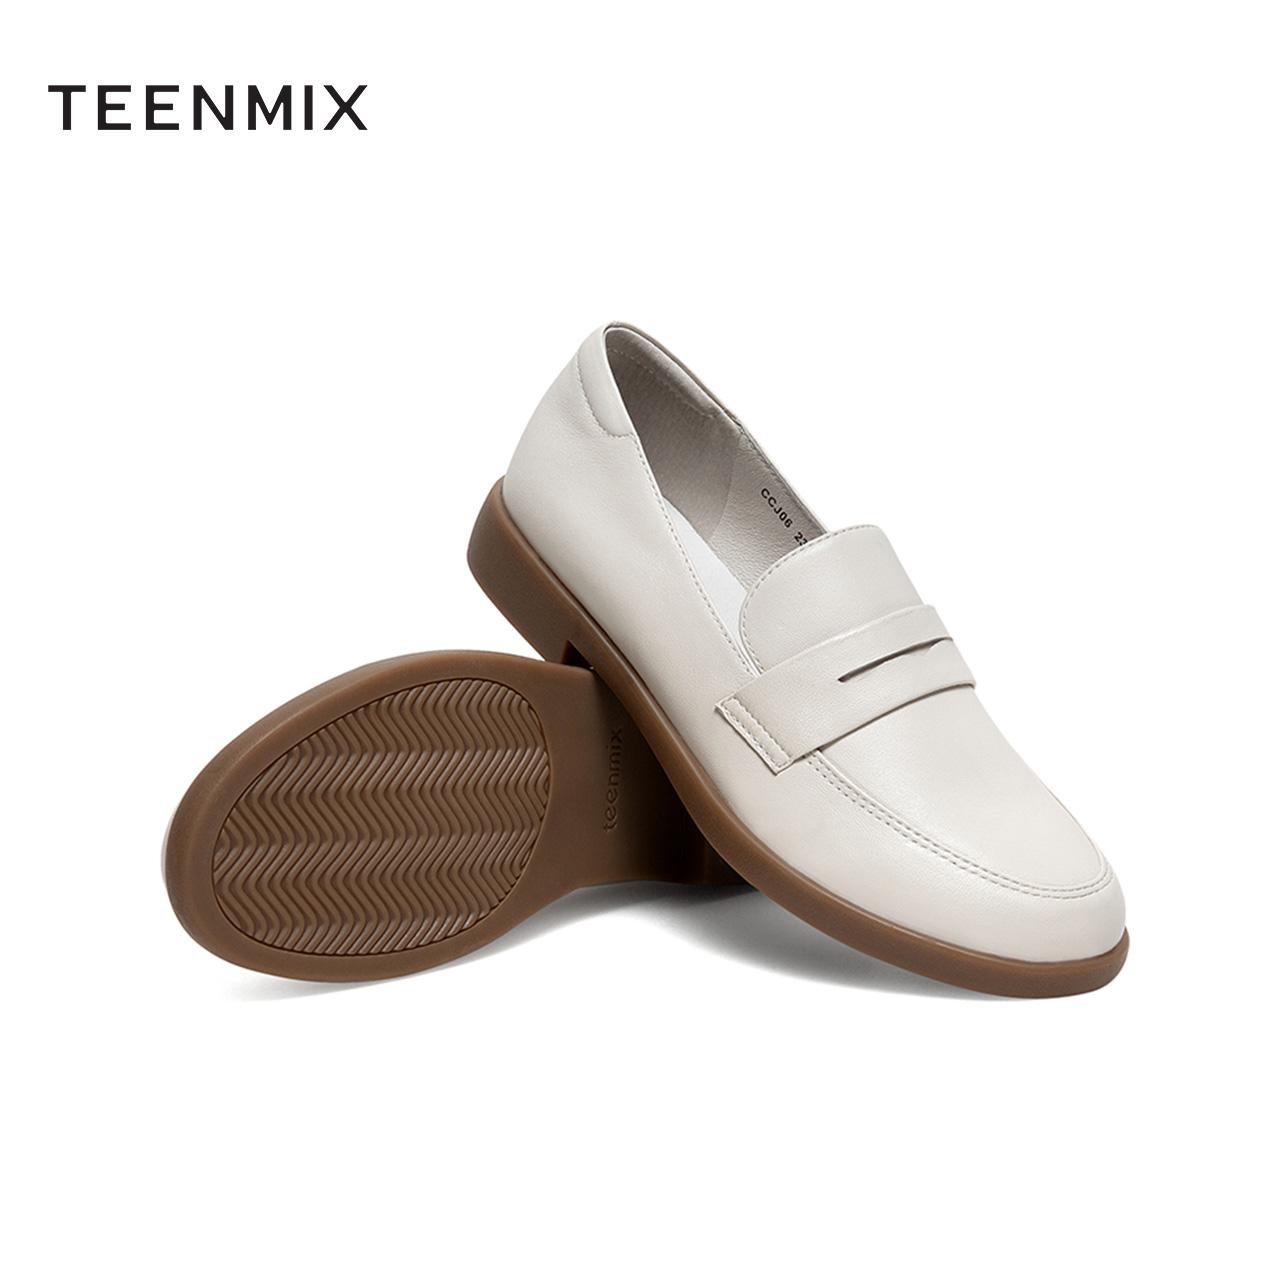 CCJ06CQ0 秋新款乐福鞋商场同款英伦风单鞋女平底皮鞋 2020 天美意